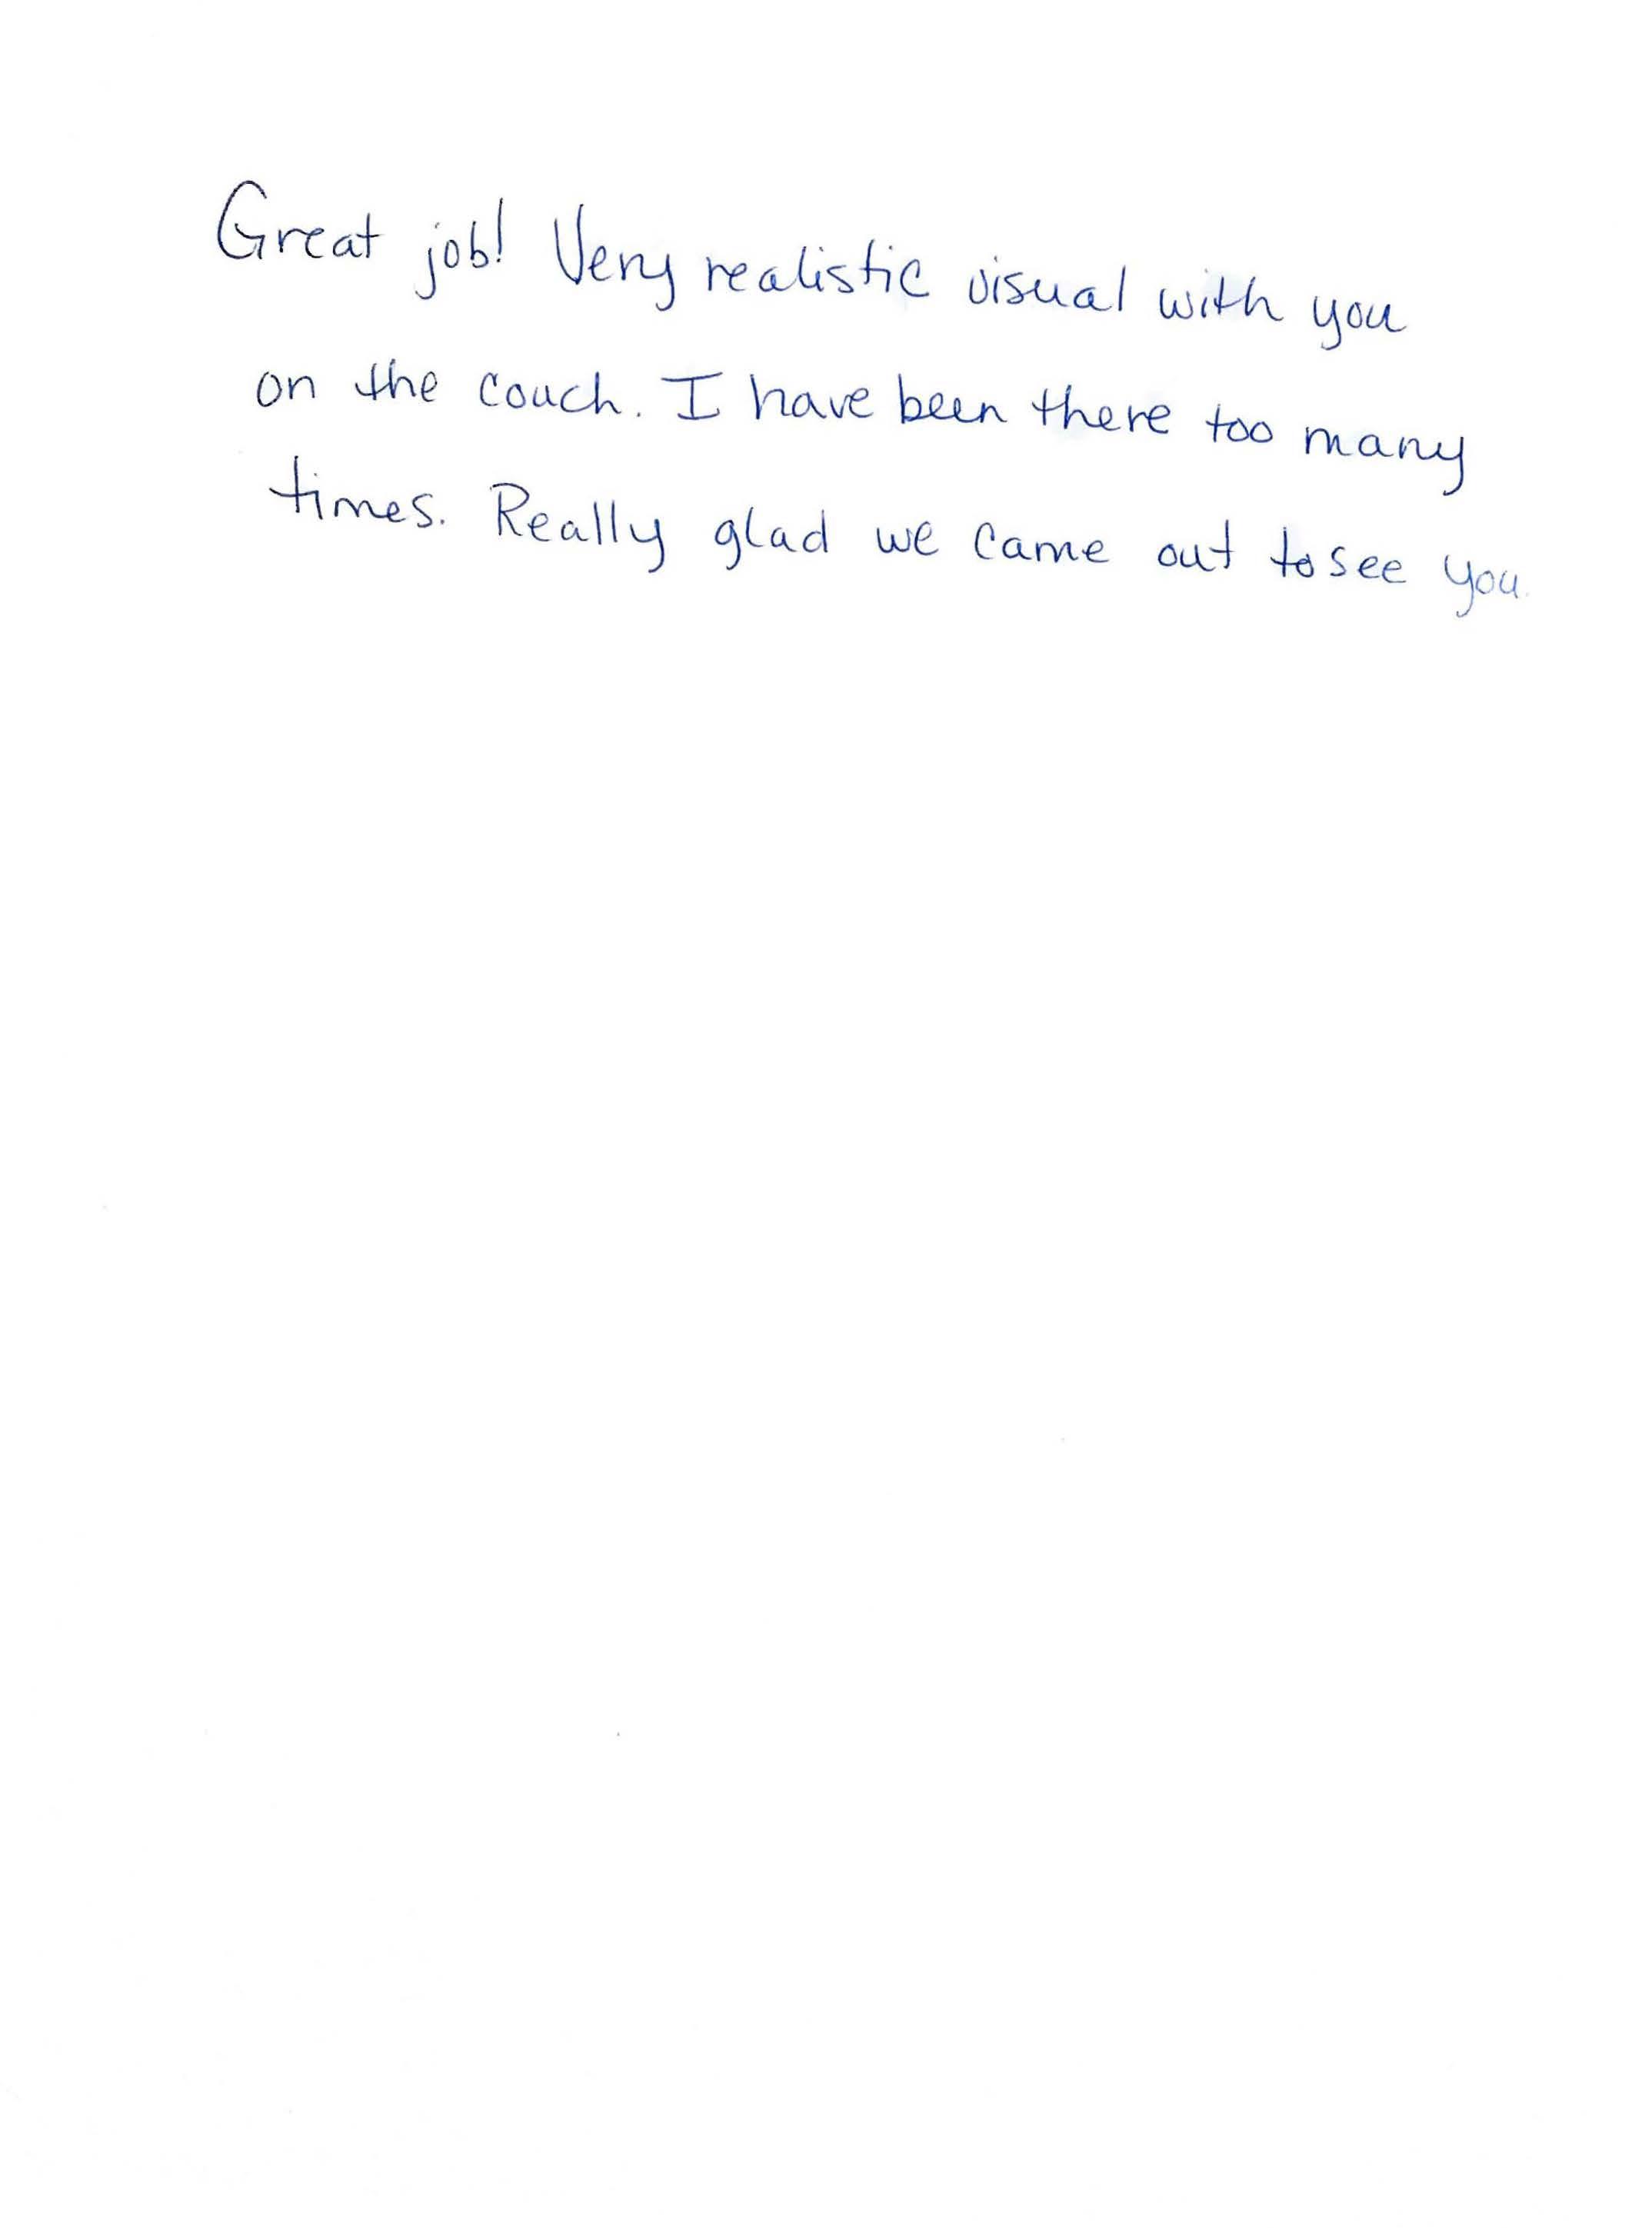 BTCD Letter (16).jpg